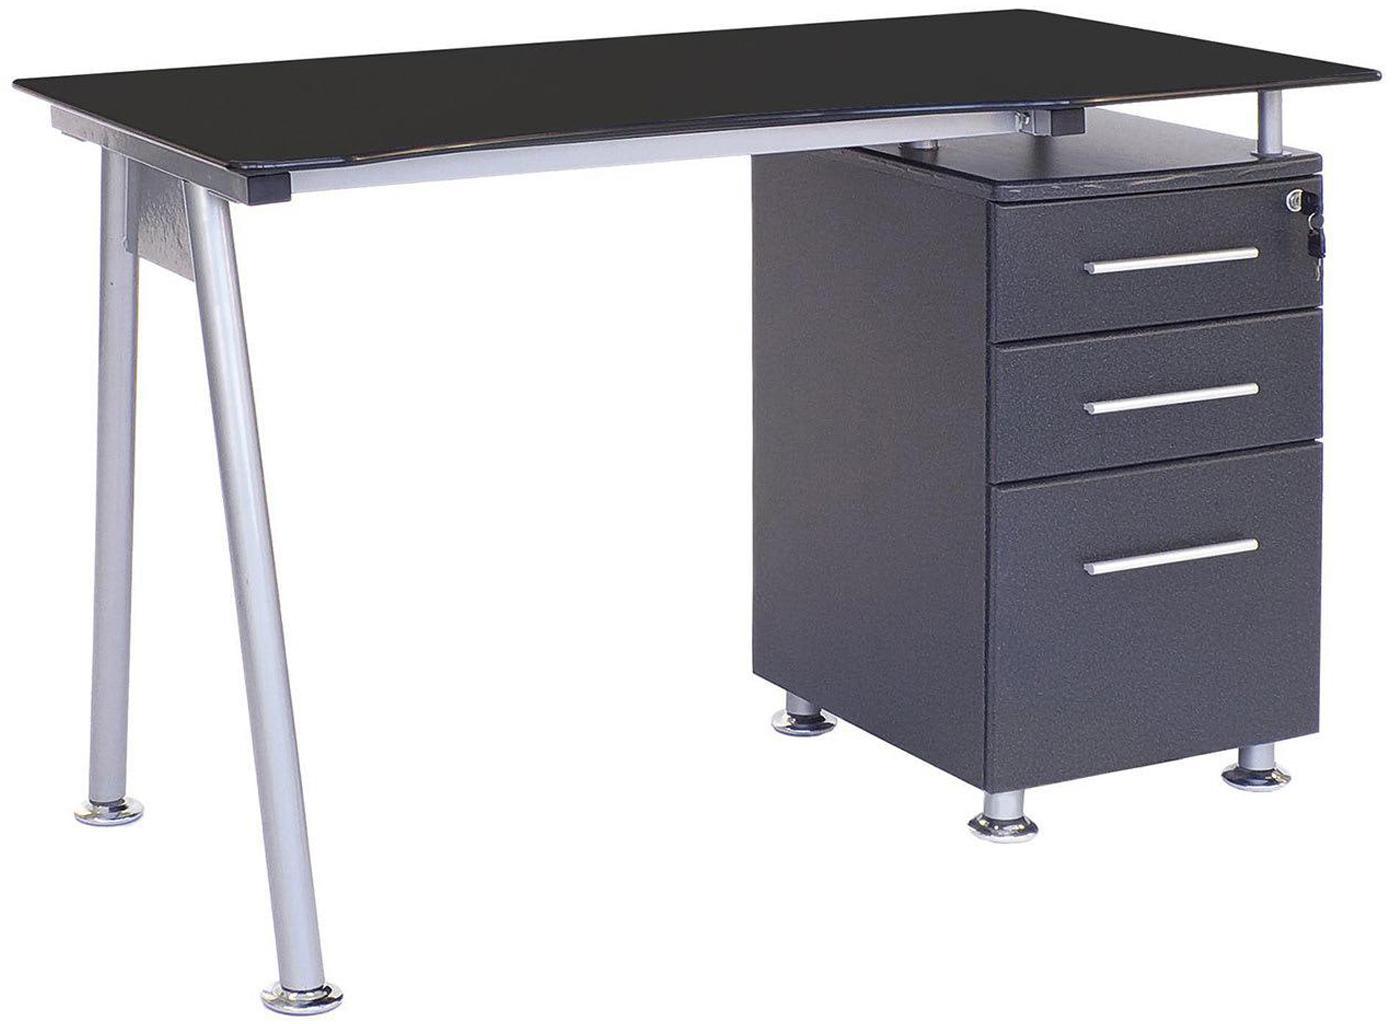 Escritorio Mizar, Estructura: acero barnizado, Tablero: cristal templado de 10 mm, Negro, plateado, An 120 x F 60 cm